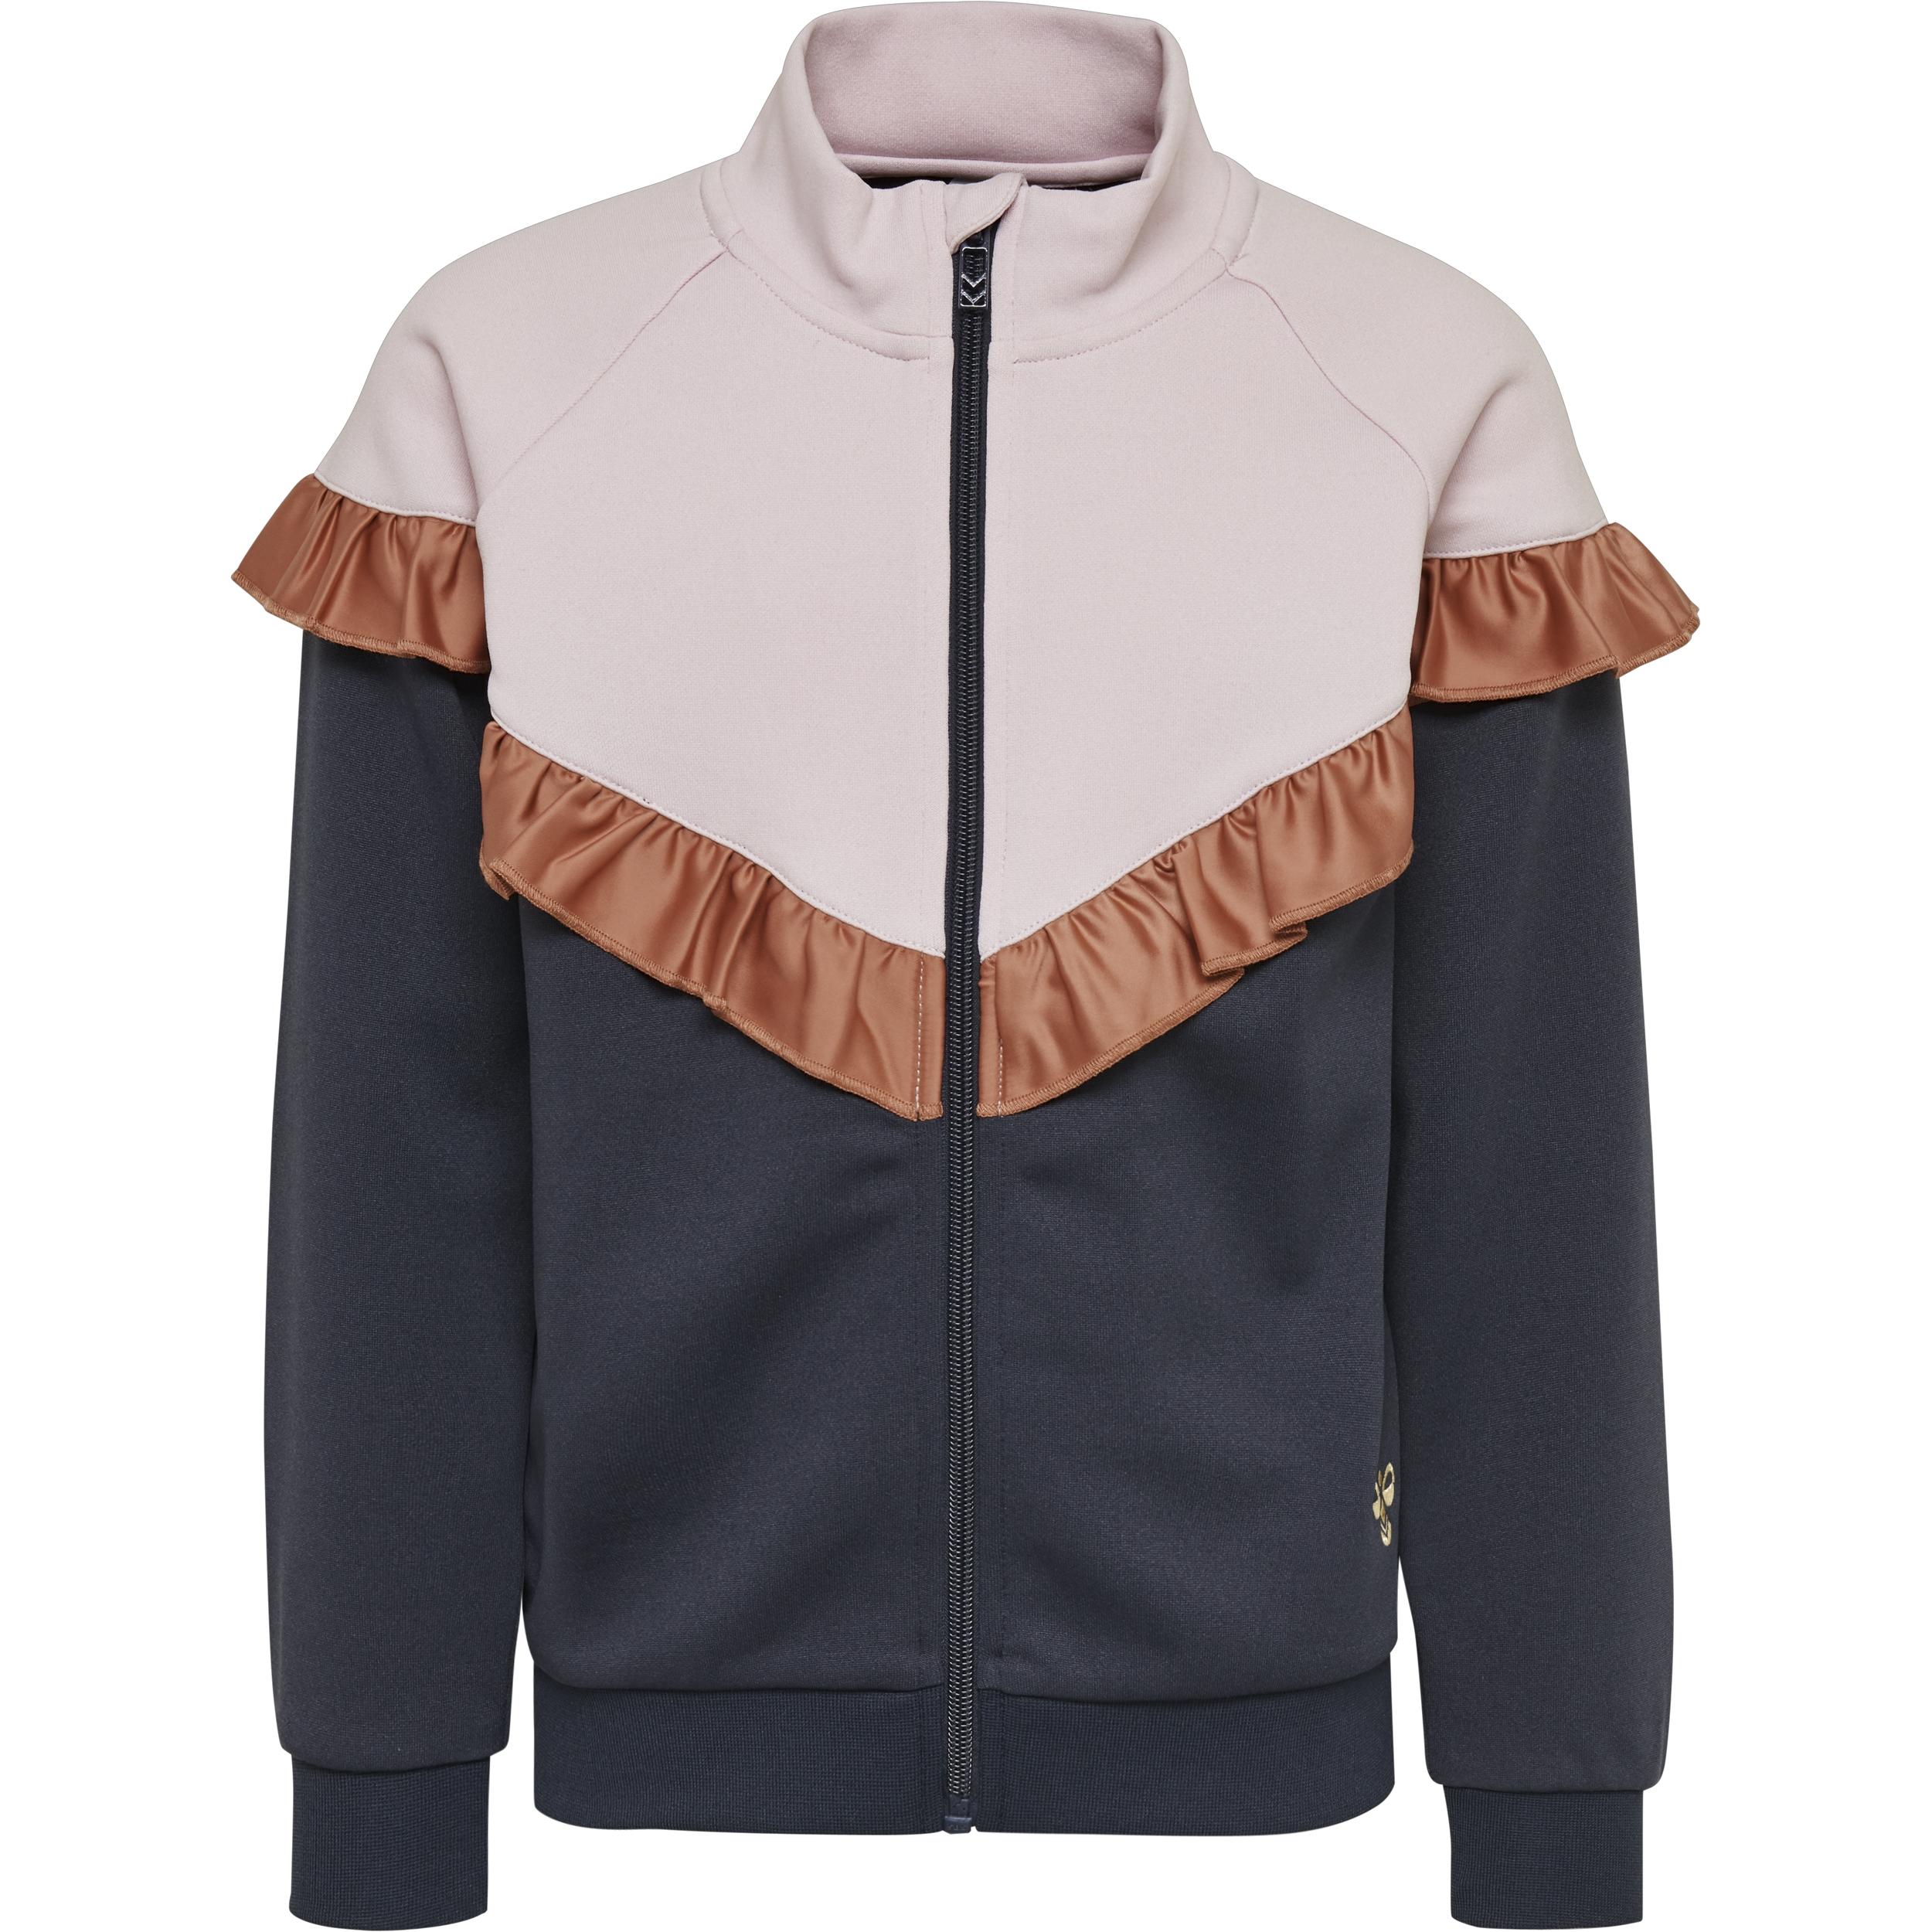 HUMMEL BARN Sporty klær til barn på nett Guttelus.no